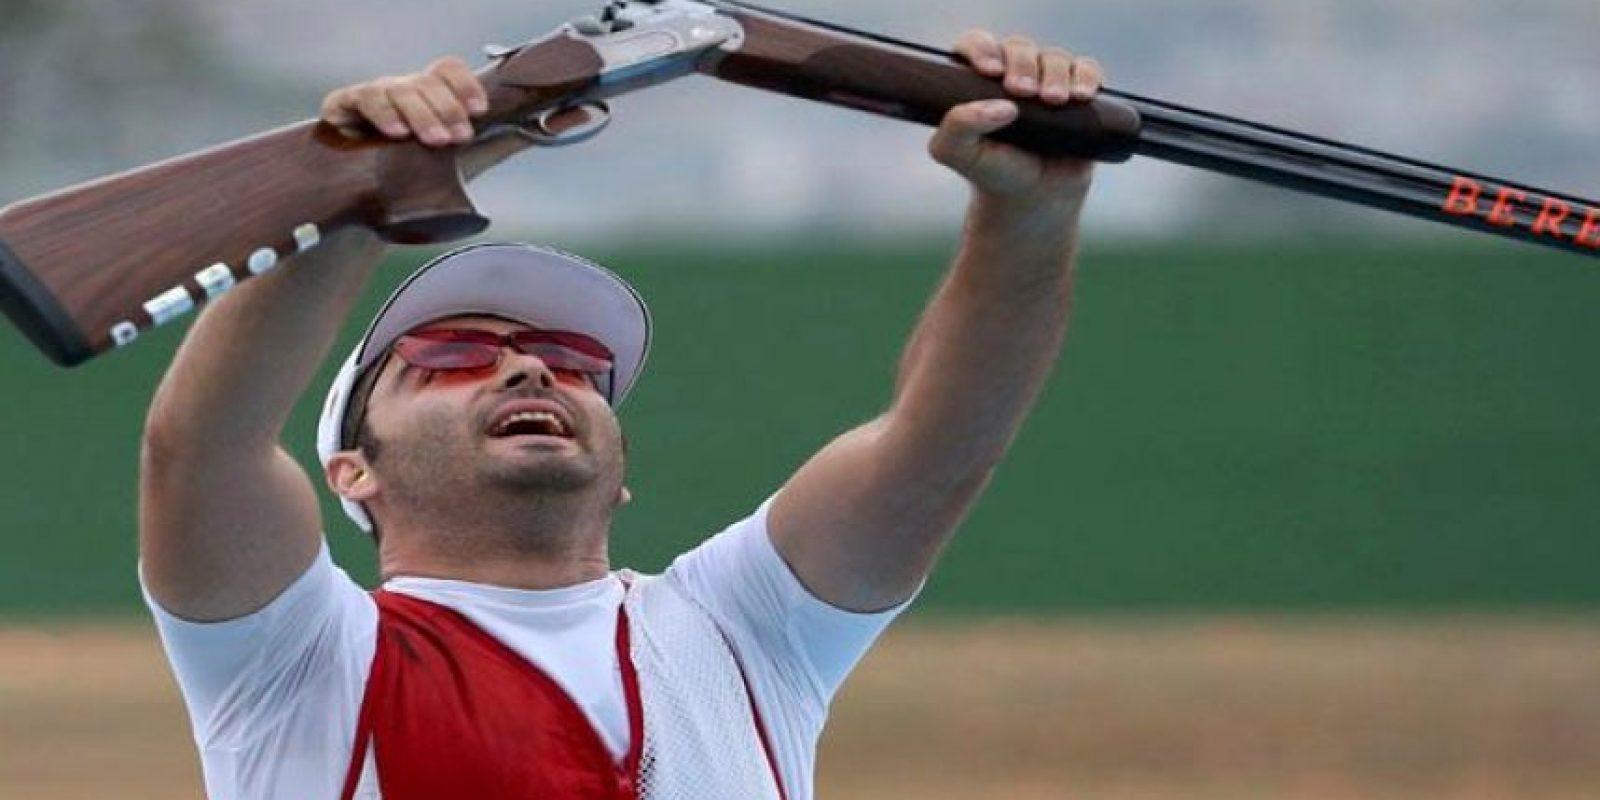 Josep Glasnovic le dio oro a Croacia en el tiro deportivo en la especialidad de fosa masculina. Foto:Getty Images